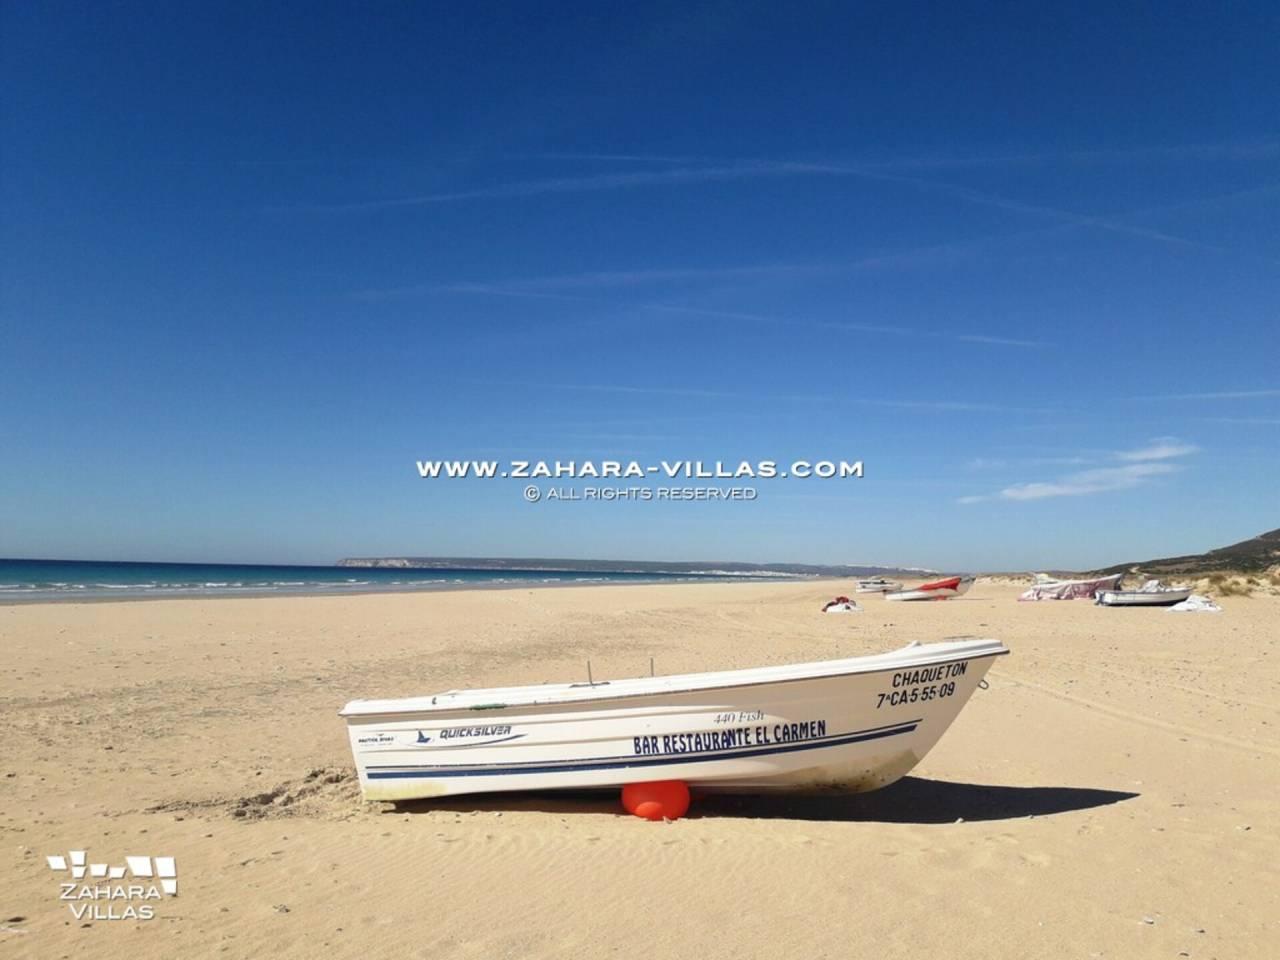 Imagen 27 de Casa en venta en segunda línea de playa, con vistas al mar en Zahara de los Atunes